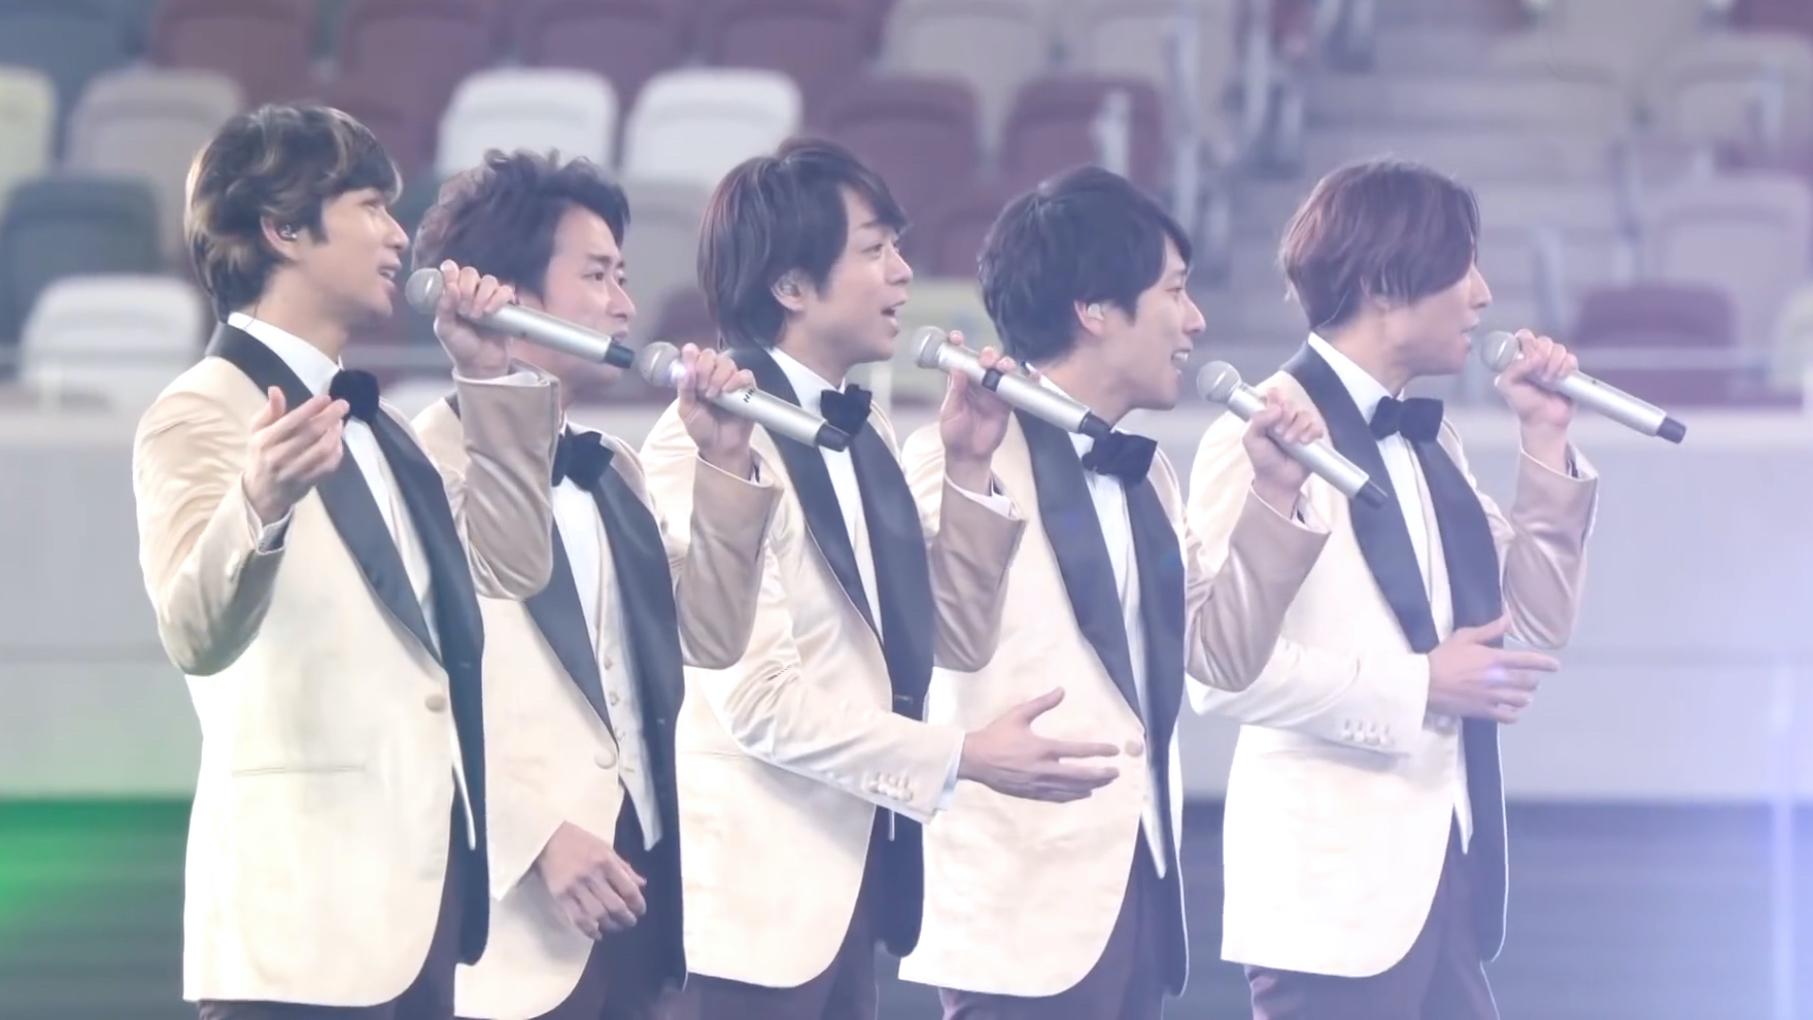 日本天才歌手米津玄师,一个人顶一支乐队,太惊艳了